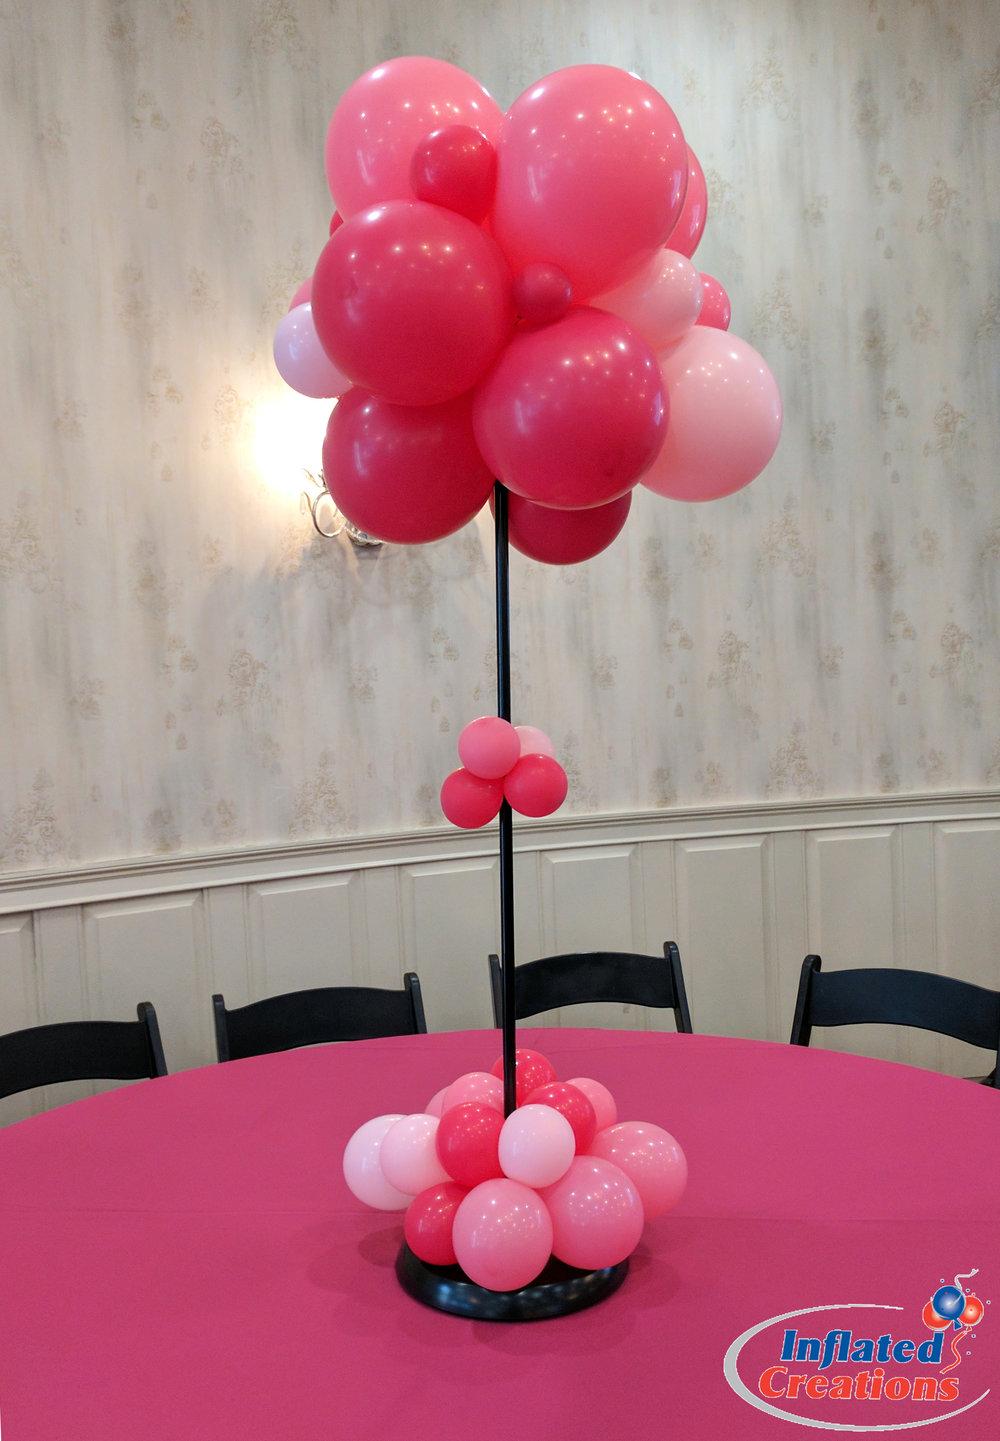 Columns - Pink Organic Puffball